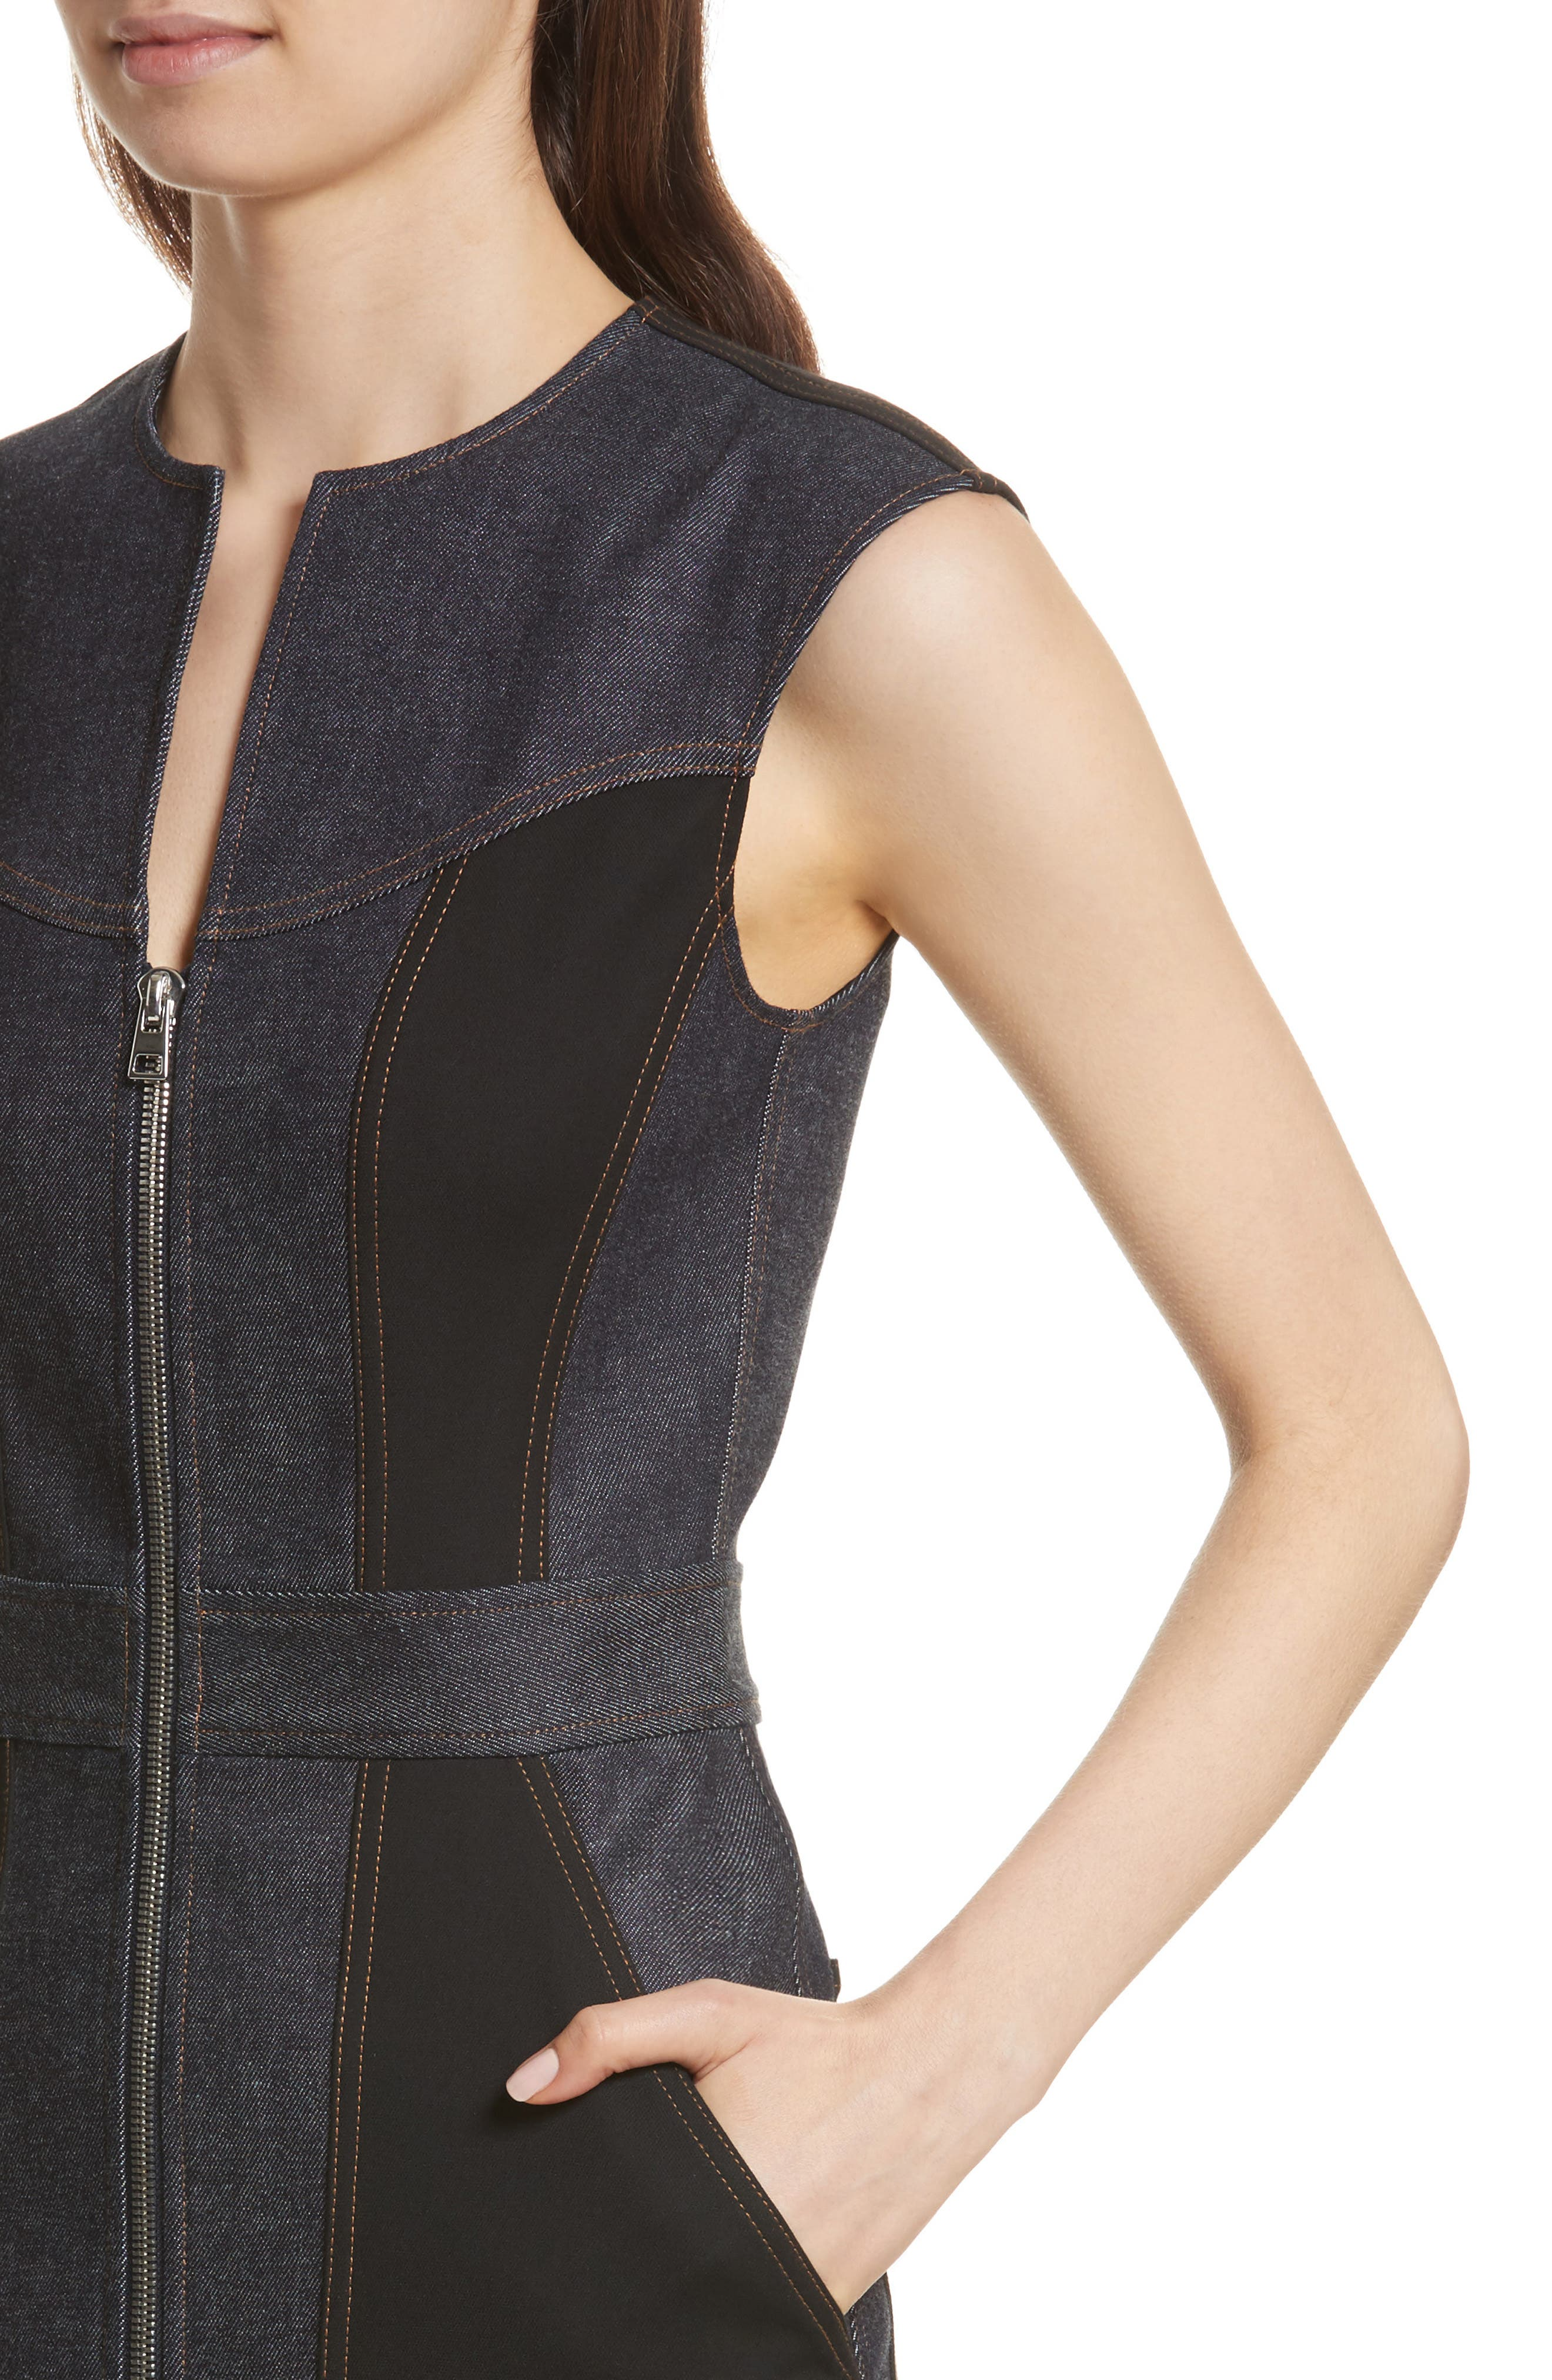 Diane von Furstenberg Front Zip Denim Dress,                             Alternate thumbnail 4, color,                             Indigo/ Black